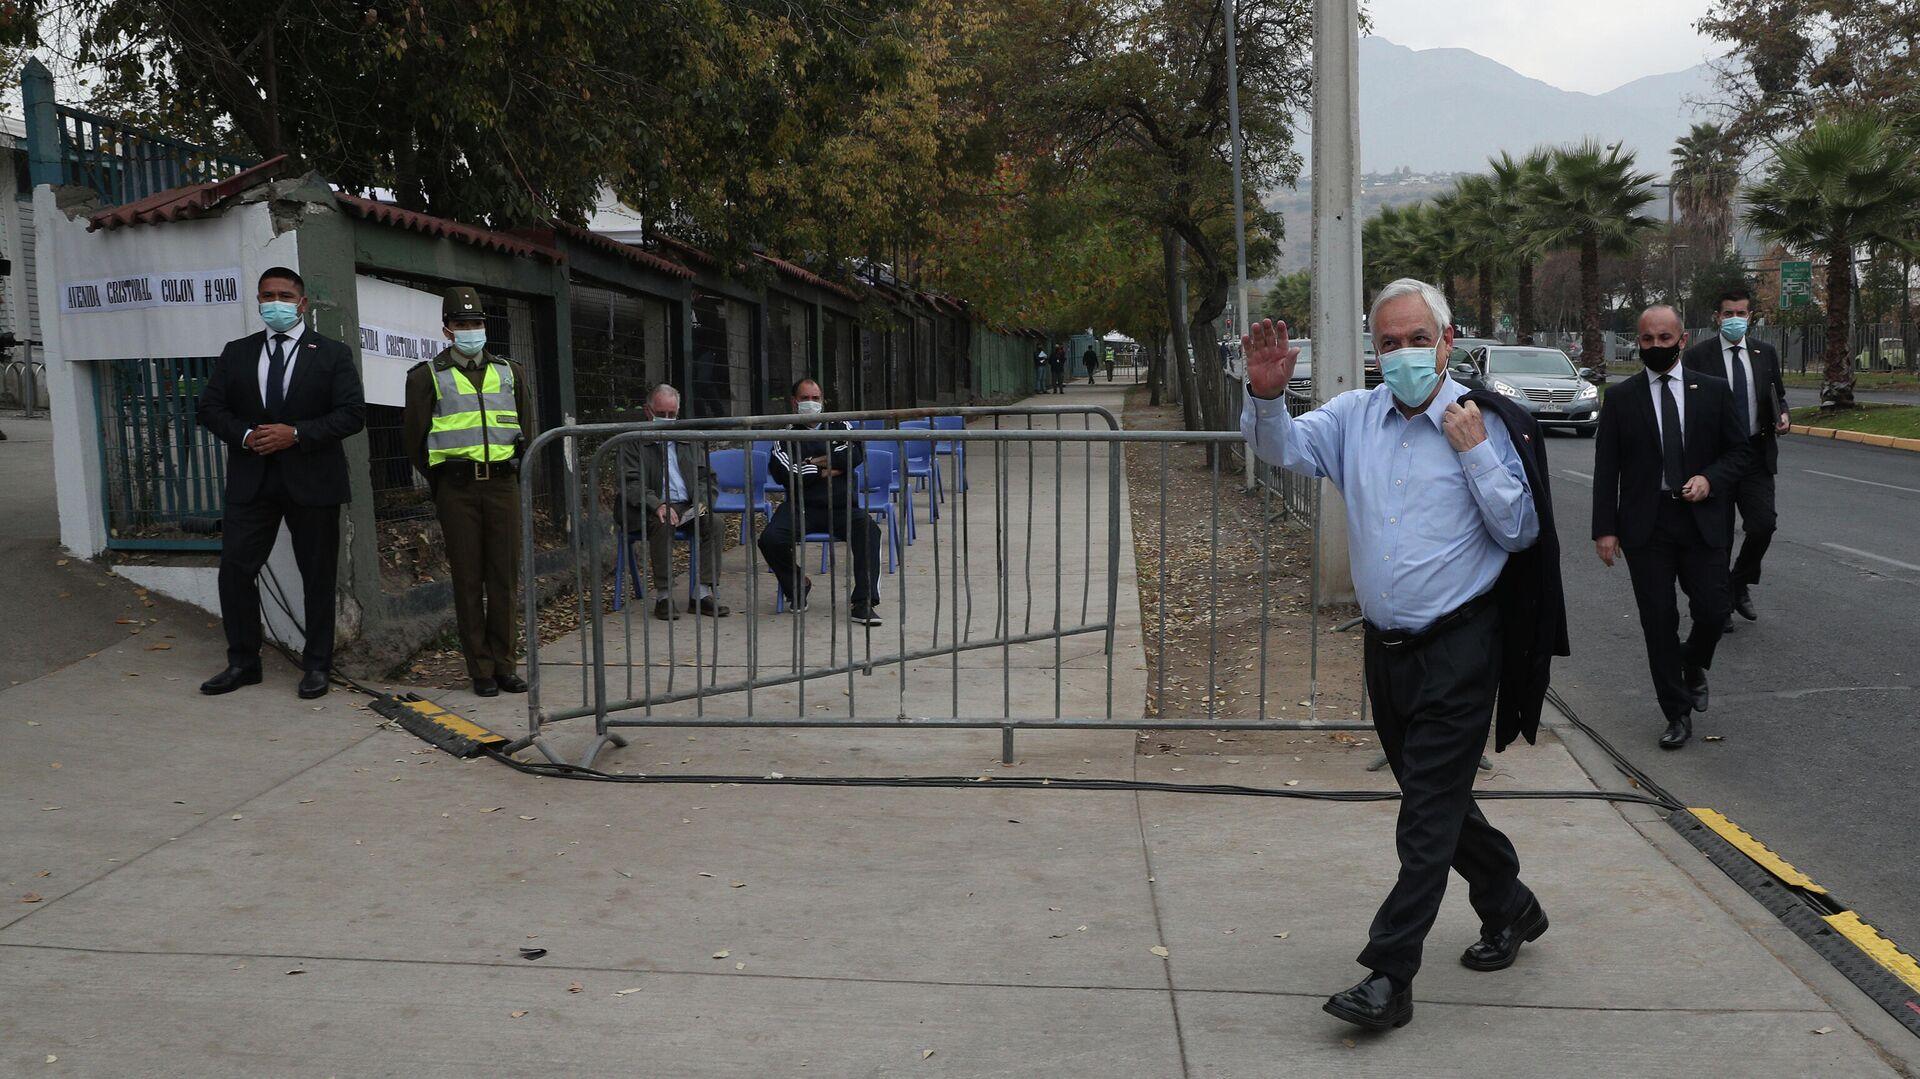 Sebastián Piñera, el presidente de Chile, acude a las urnas en las elecciones de gobernadores regionales de Chile, el 15 de mayo de 2021 - Sputnik Mundo, 1920, 15.05.2021